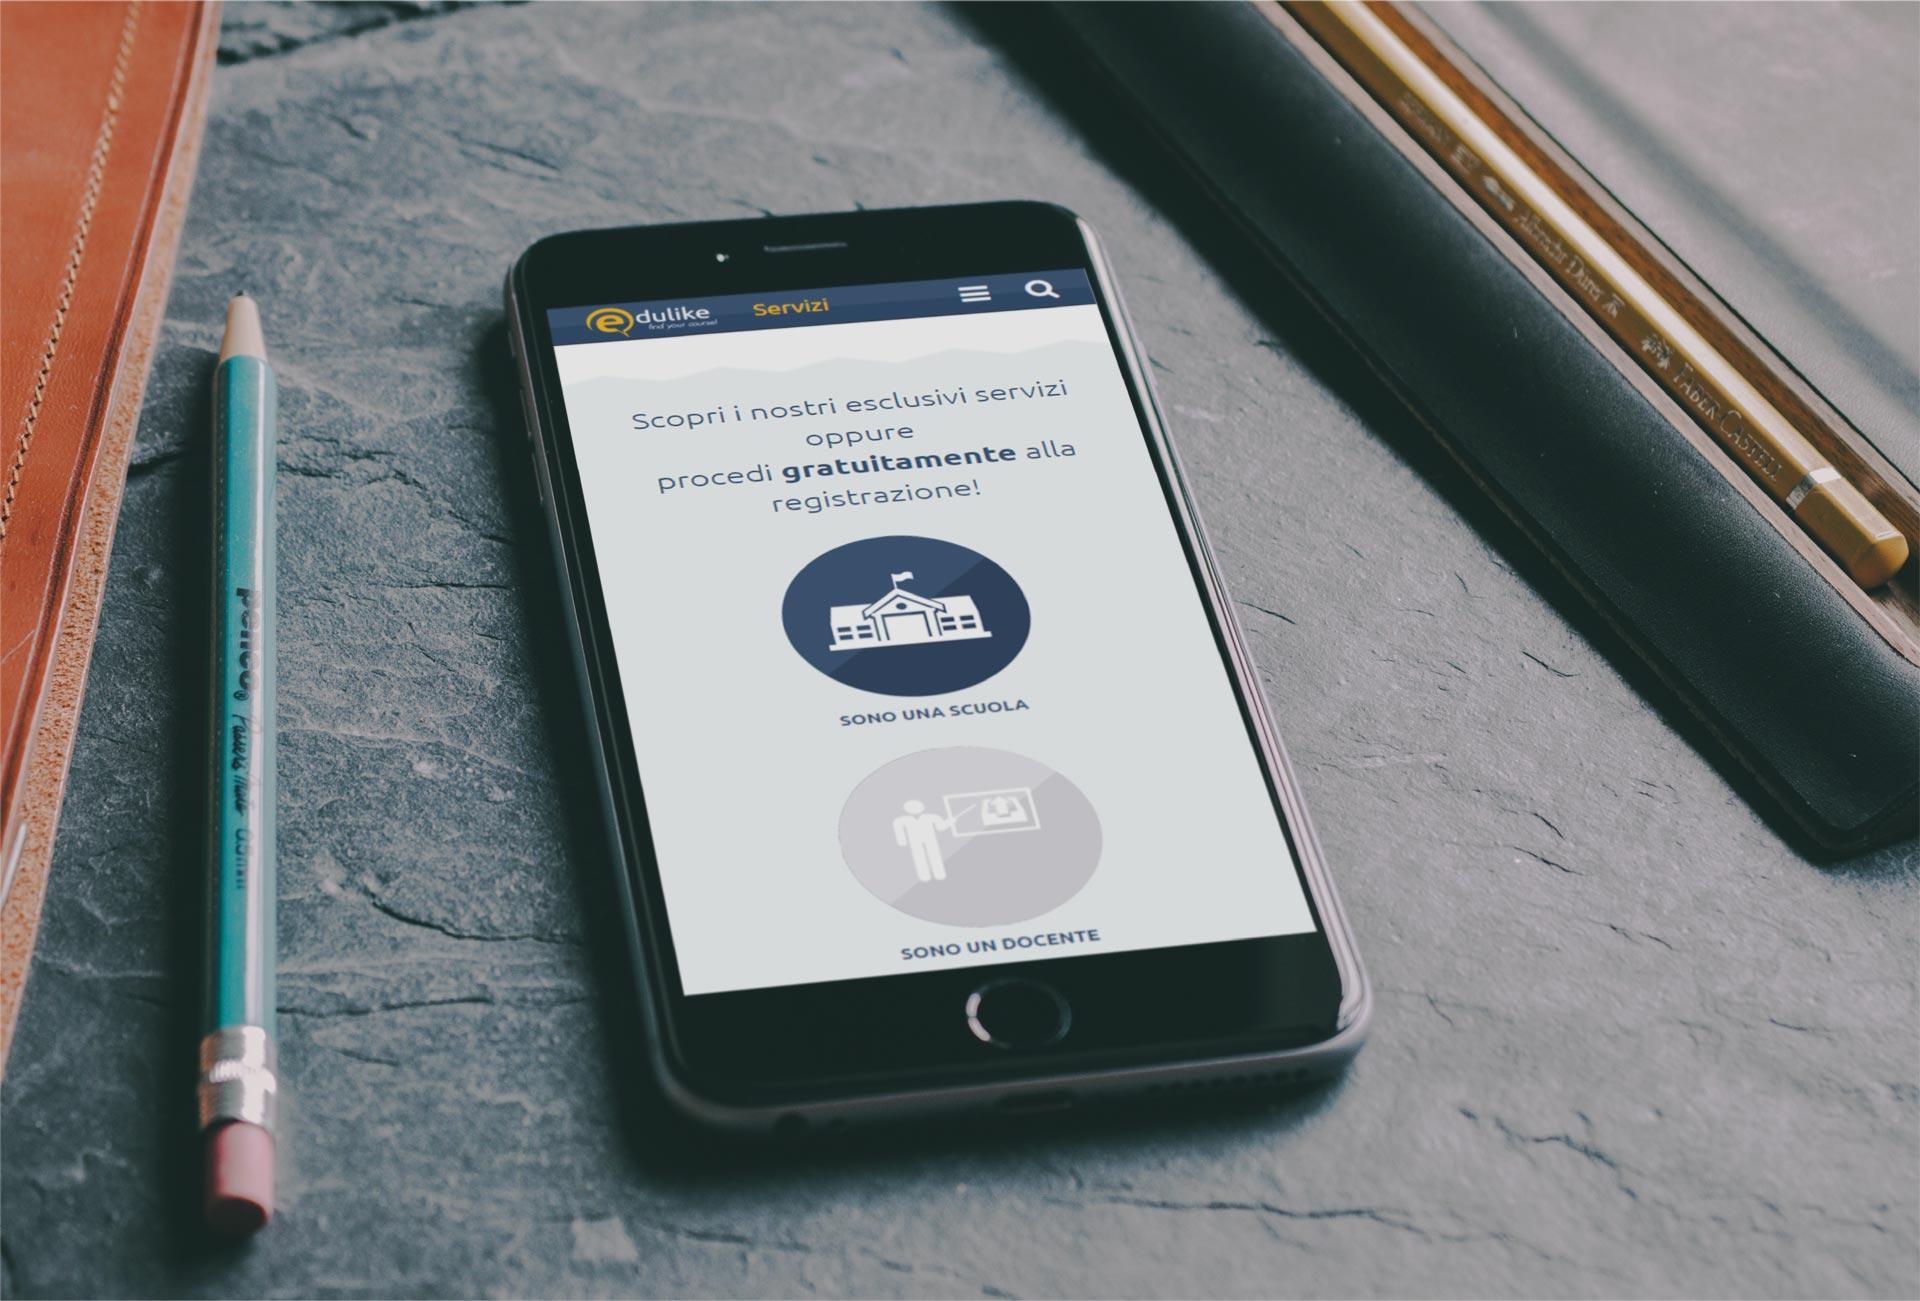 edulike 6 sito web personalizzato torino corsi centri formazioni scuole